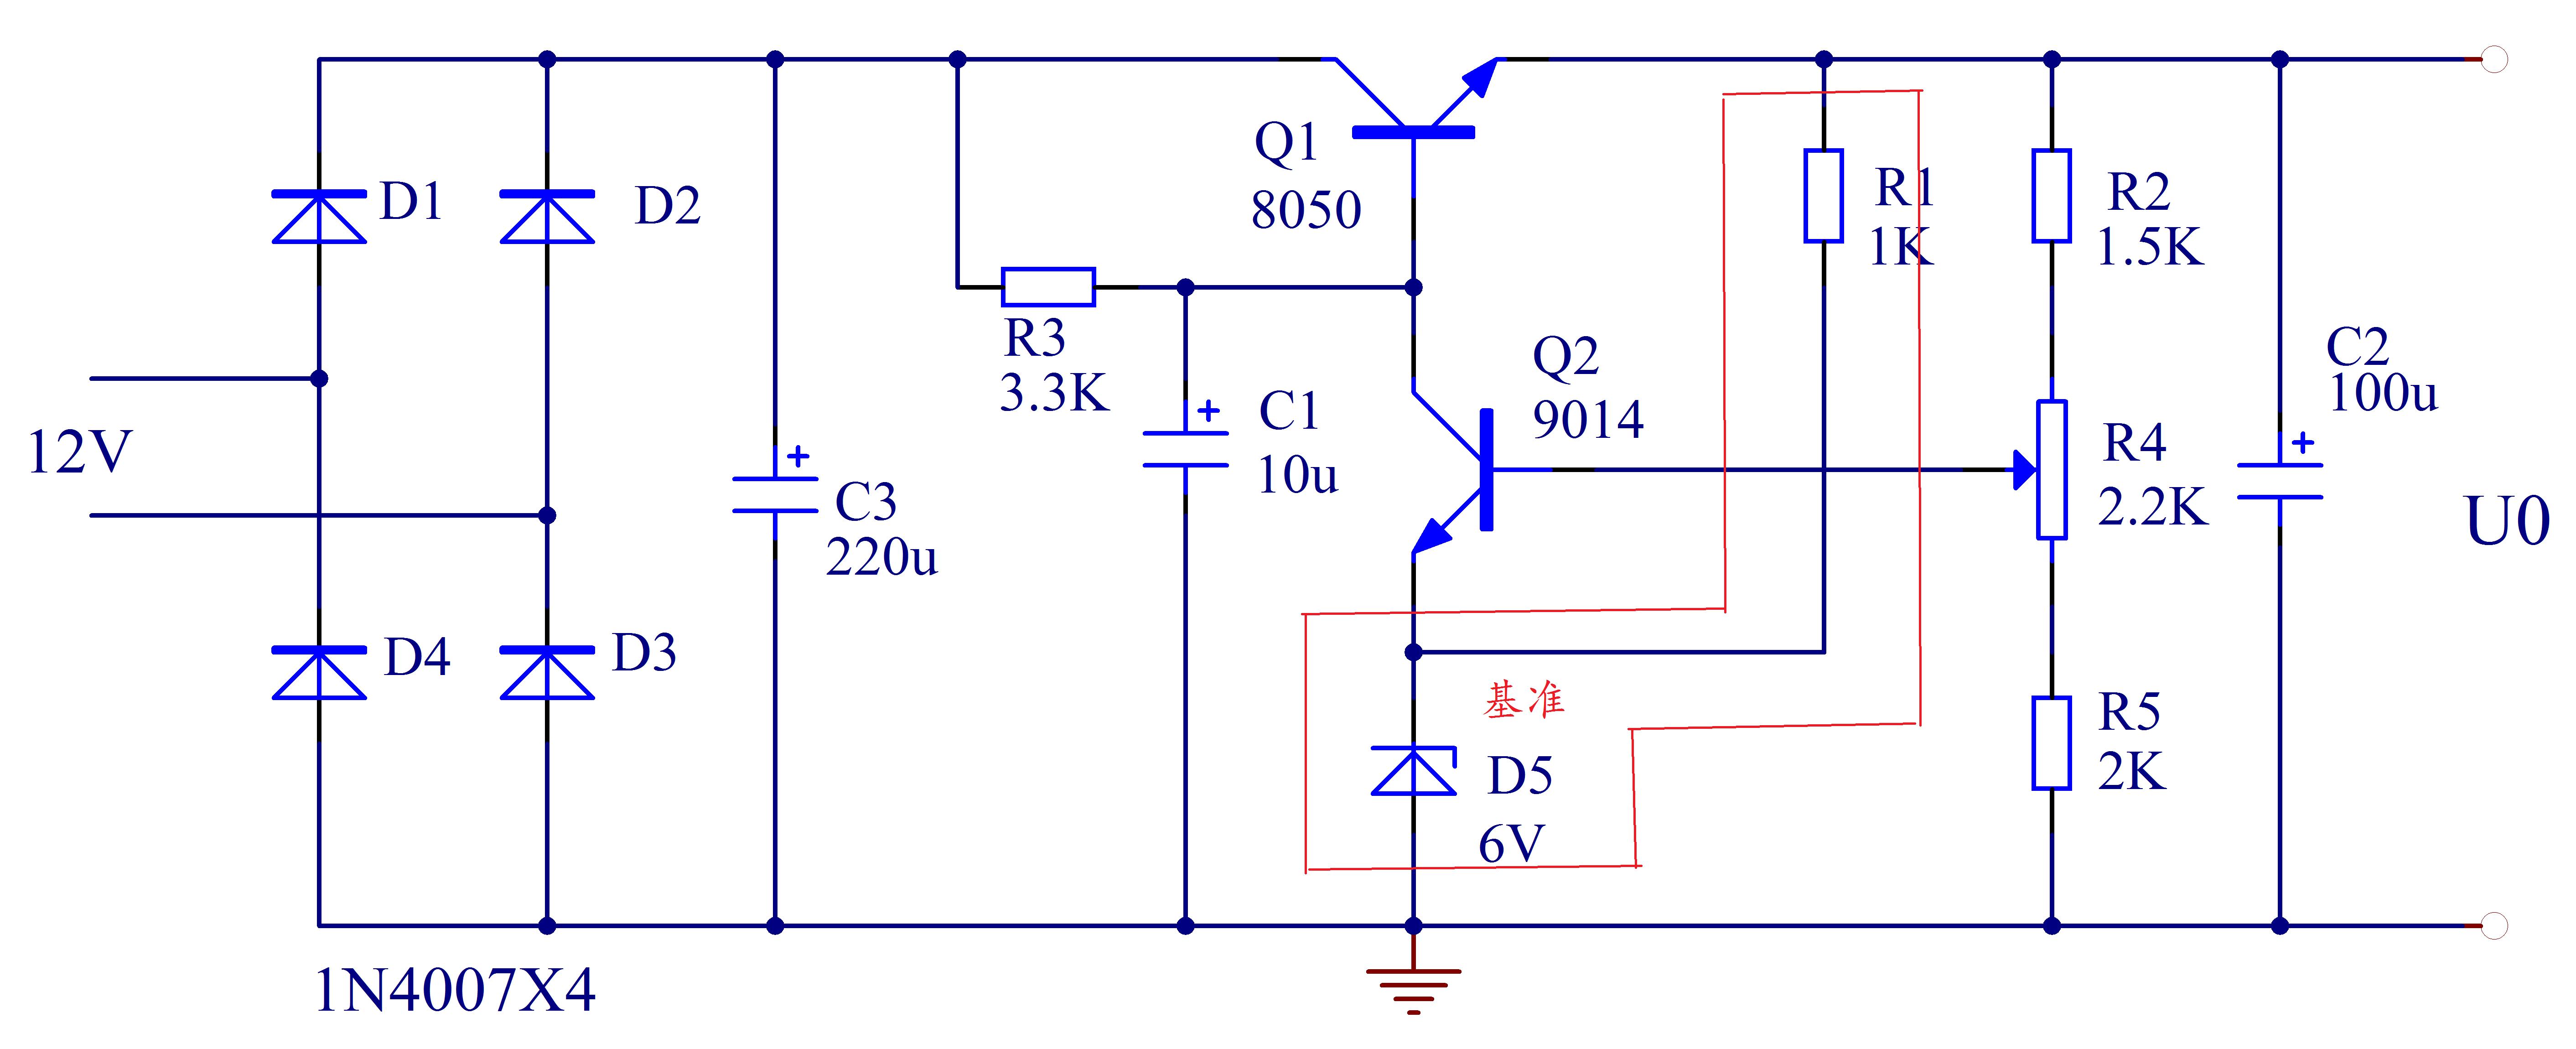 串联型稳压电源中,产生基准电压的部分是